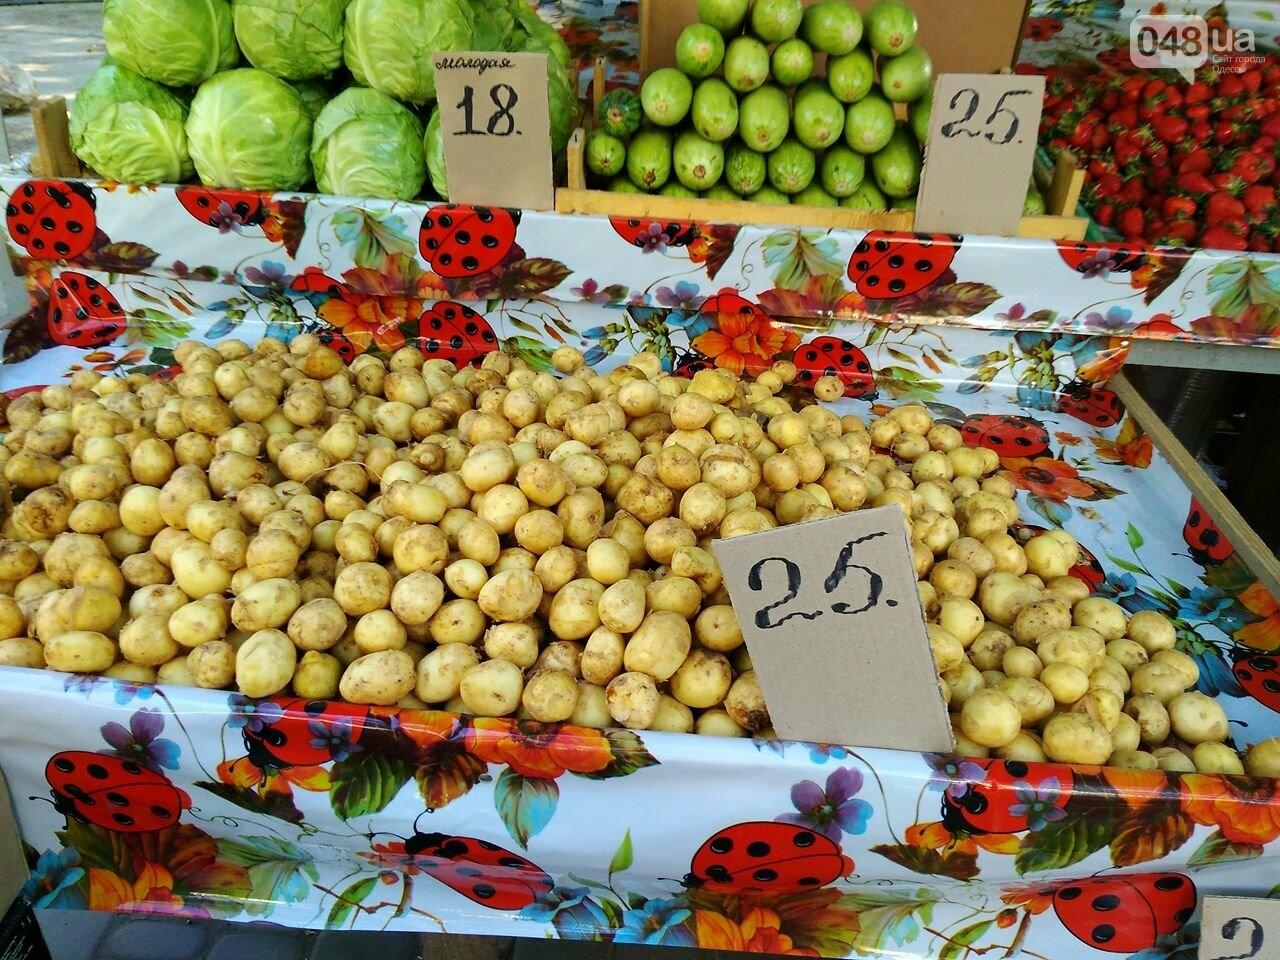 На одесских рынках появились зеленый горошек и черешня, а цена на клубнику упала, - ФОТО, фото-5